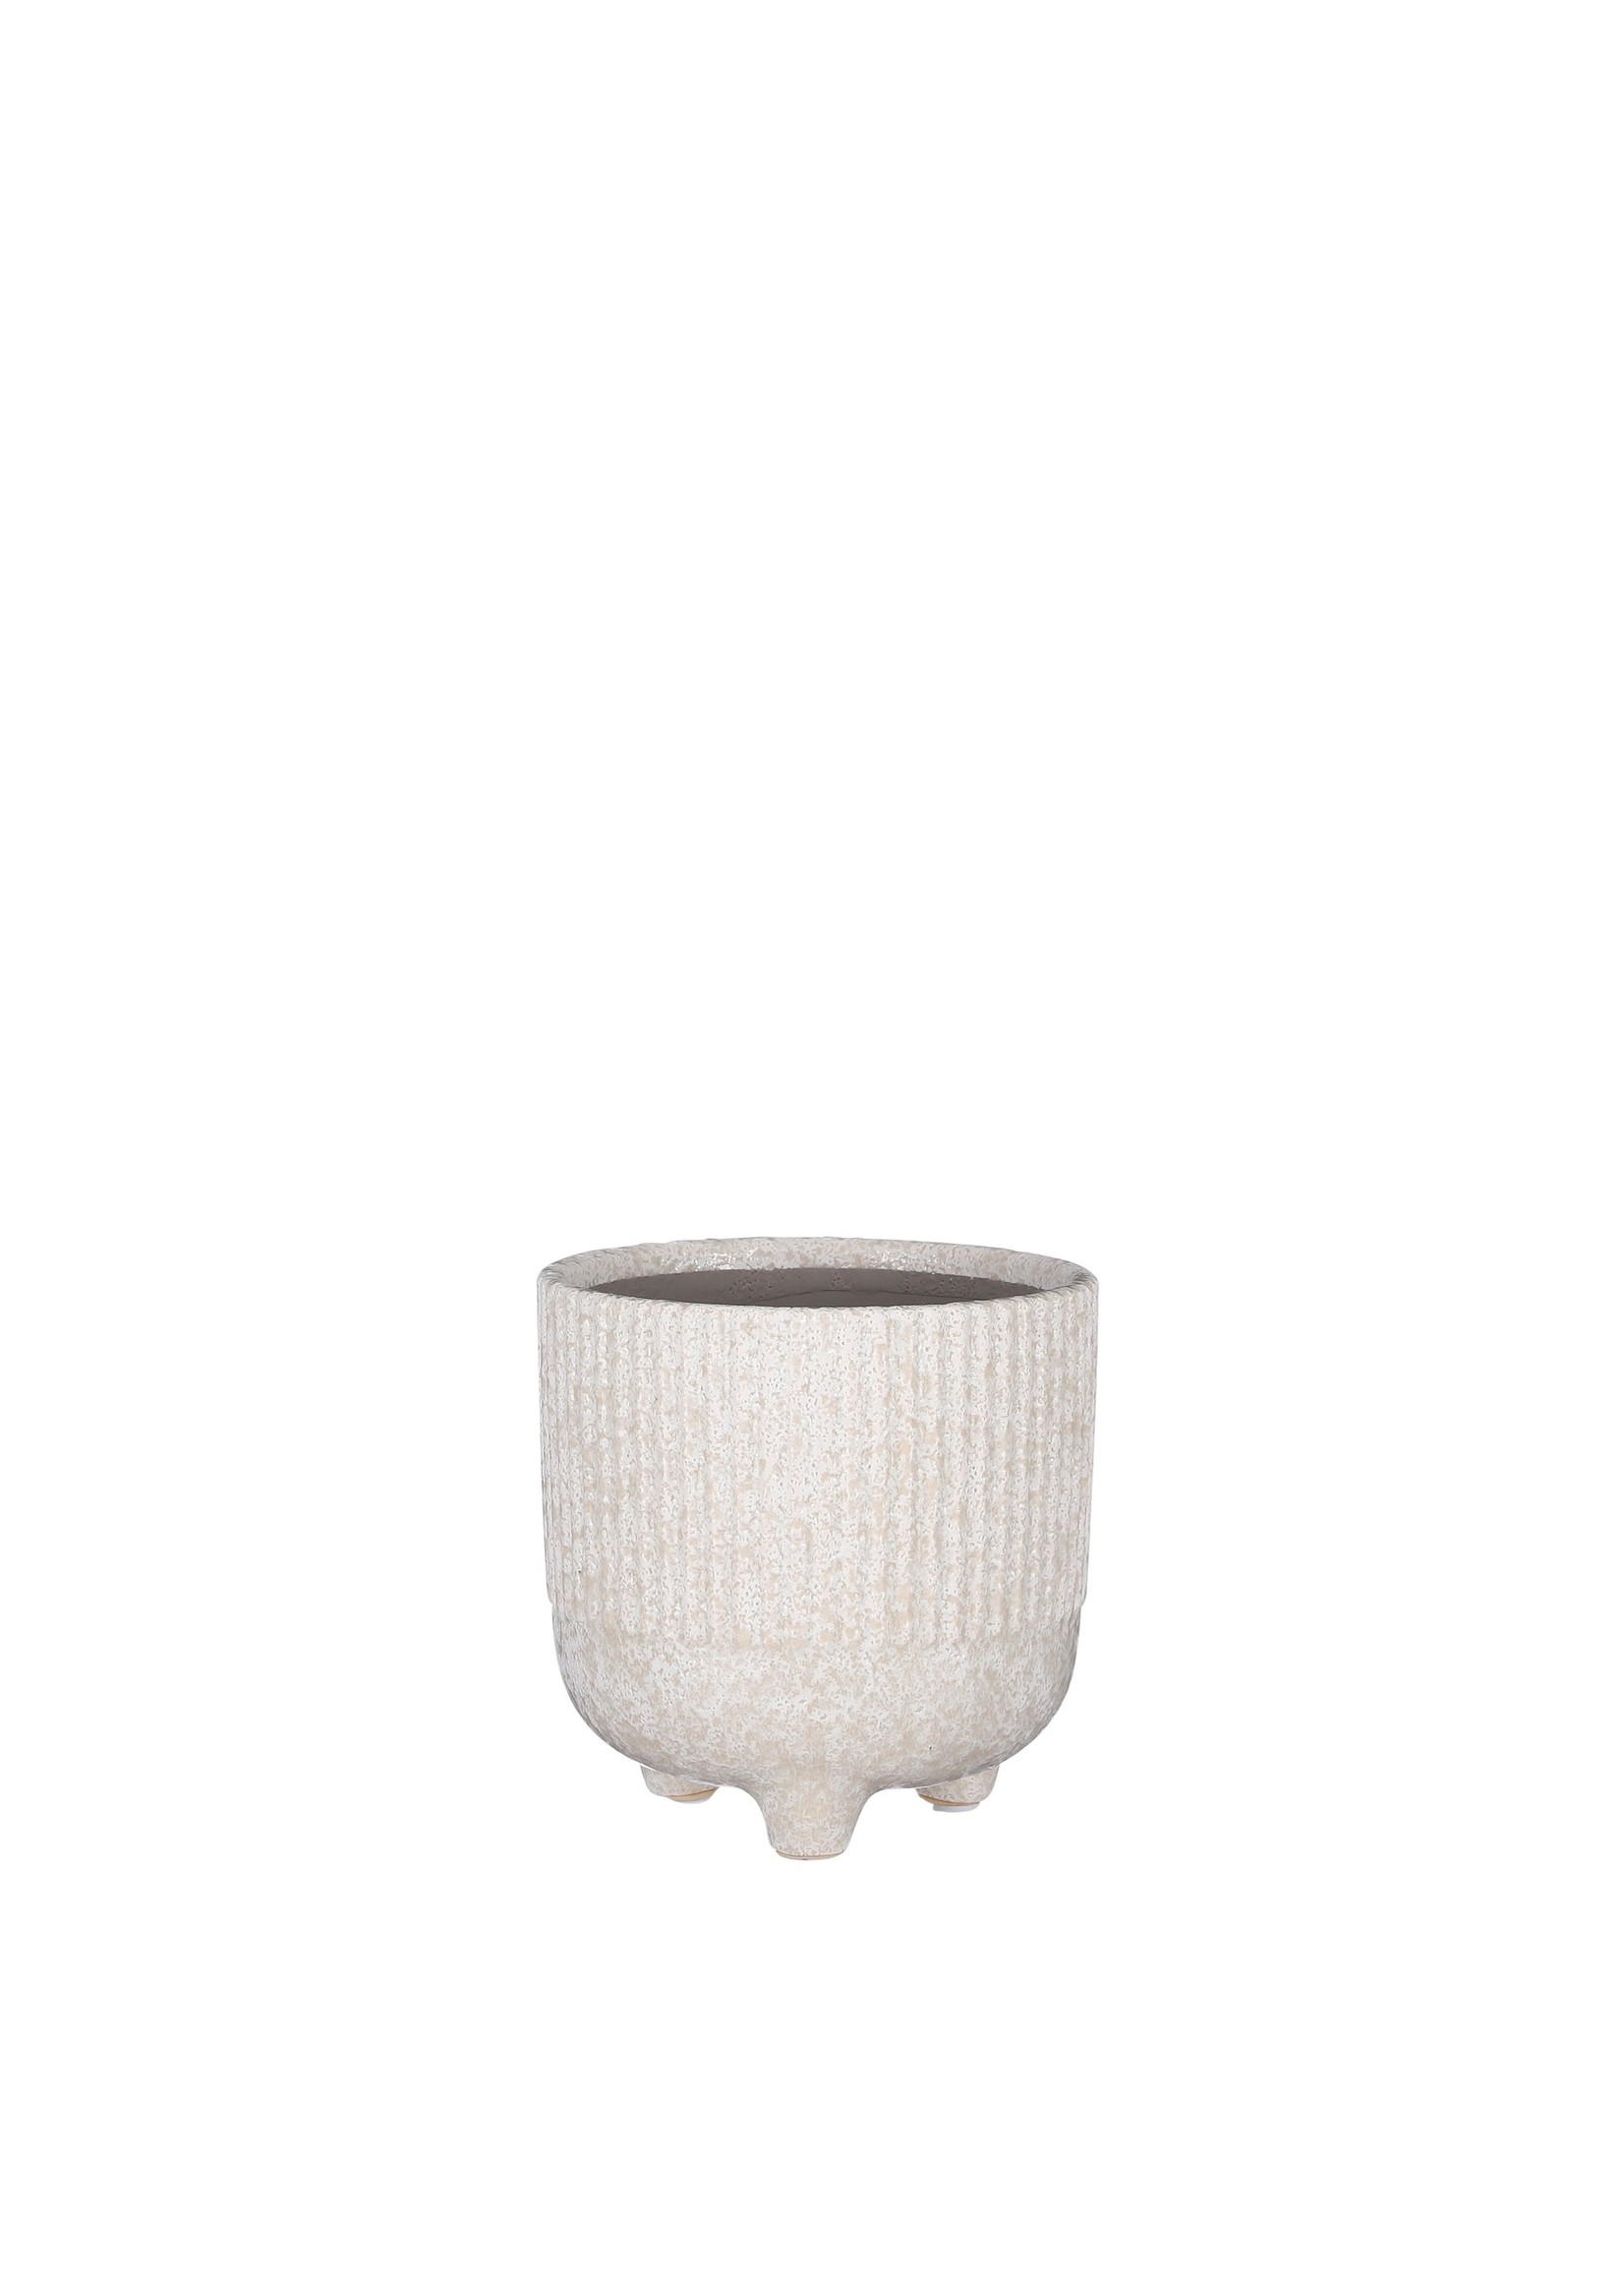 Dores Pot - Off White